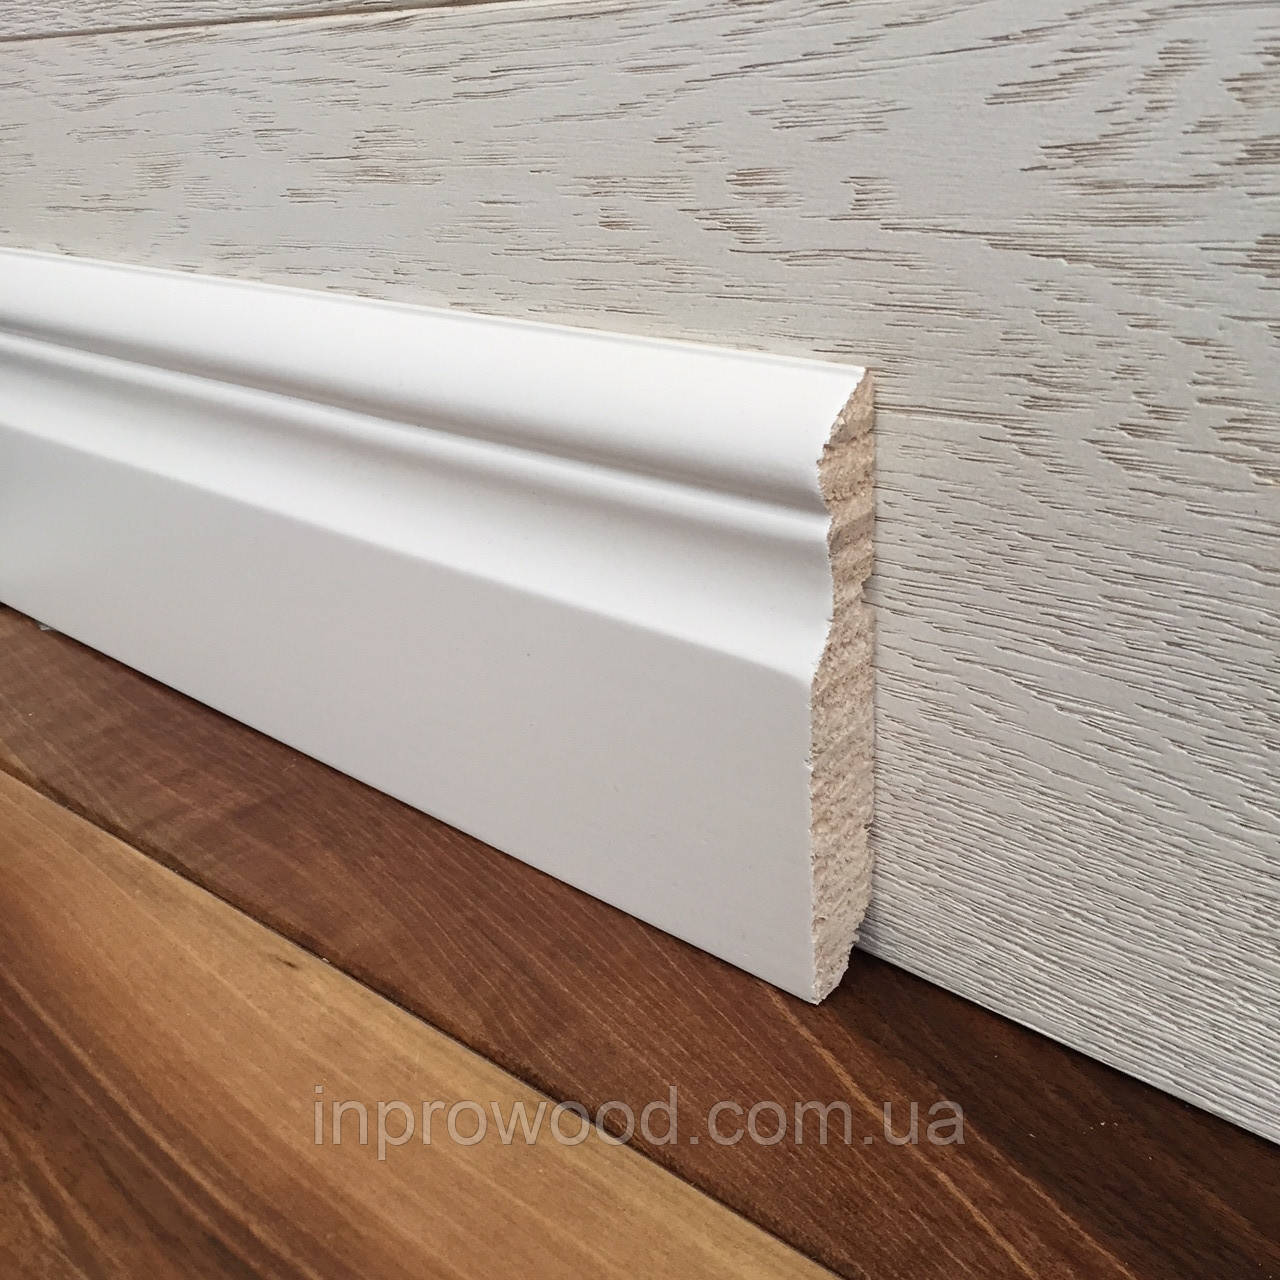 """""""Викториан"""" 100х16 мм, білий дерев'яний Плінтус Сосна"""